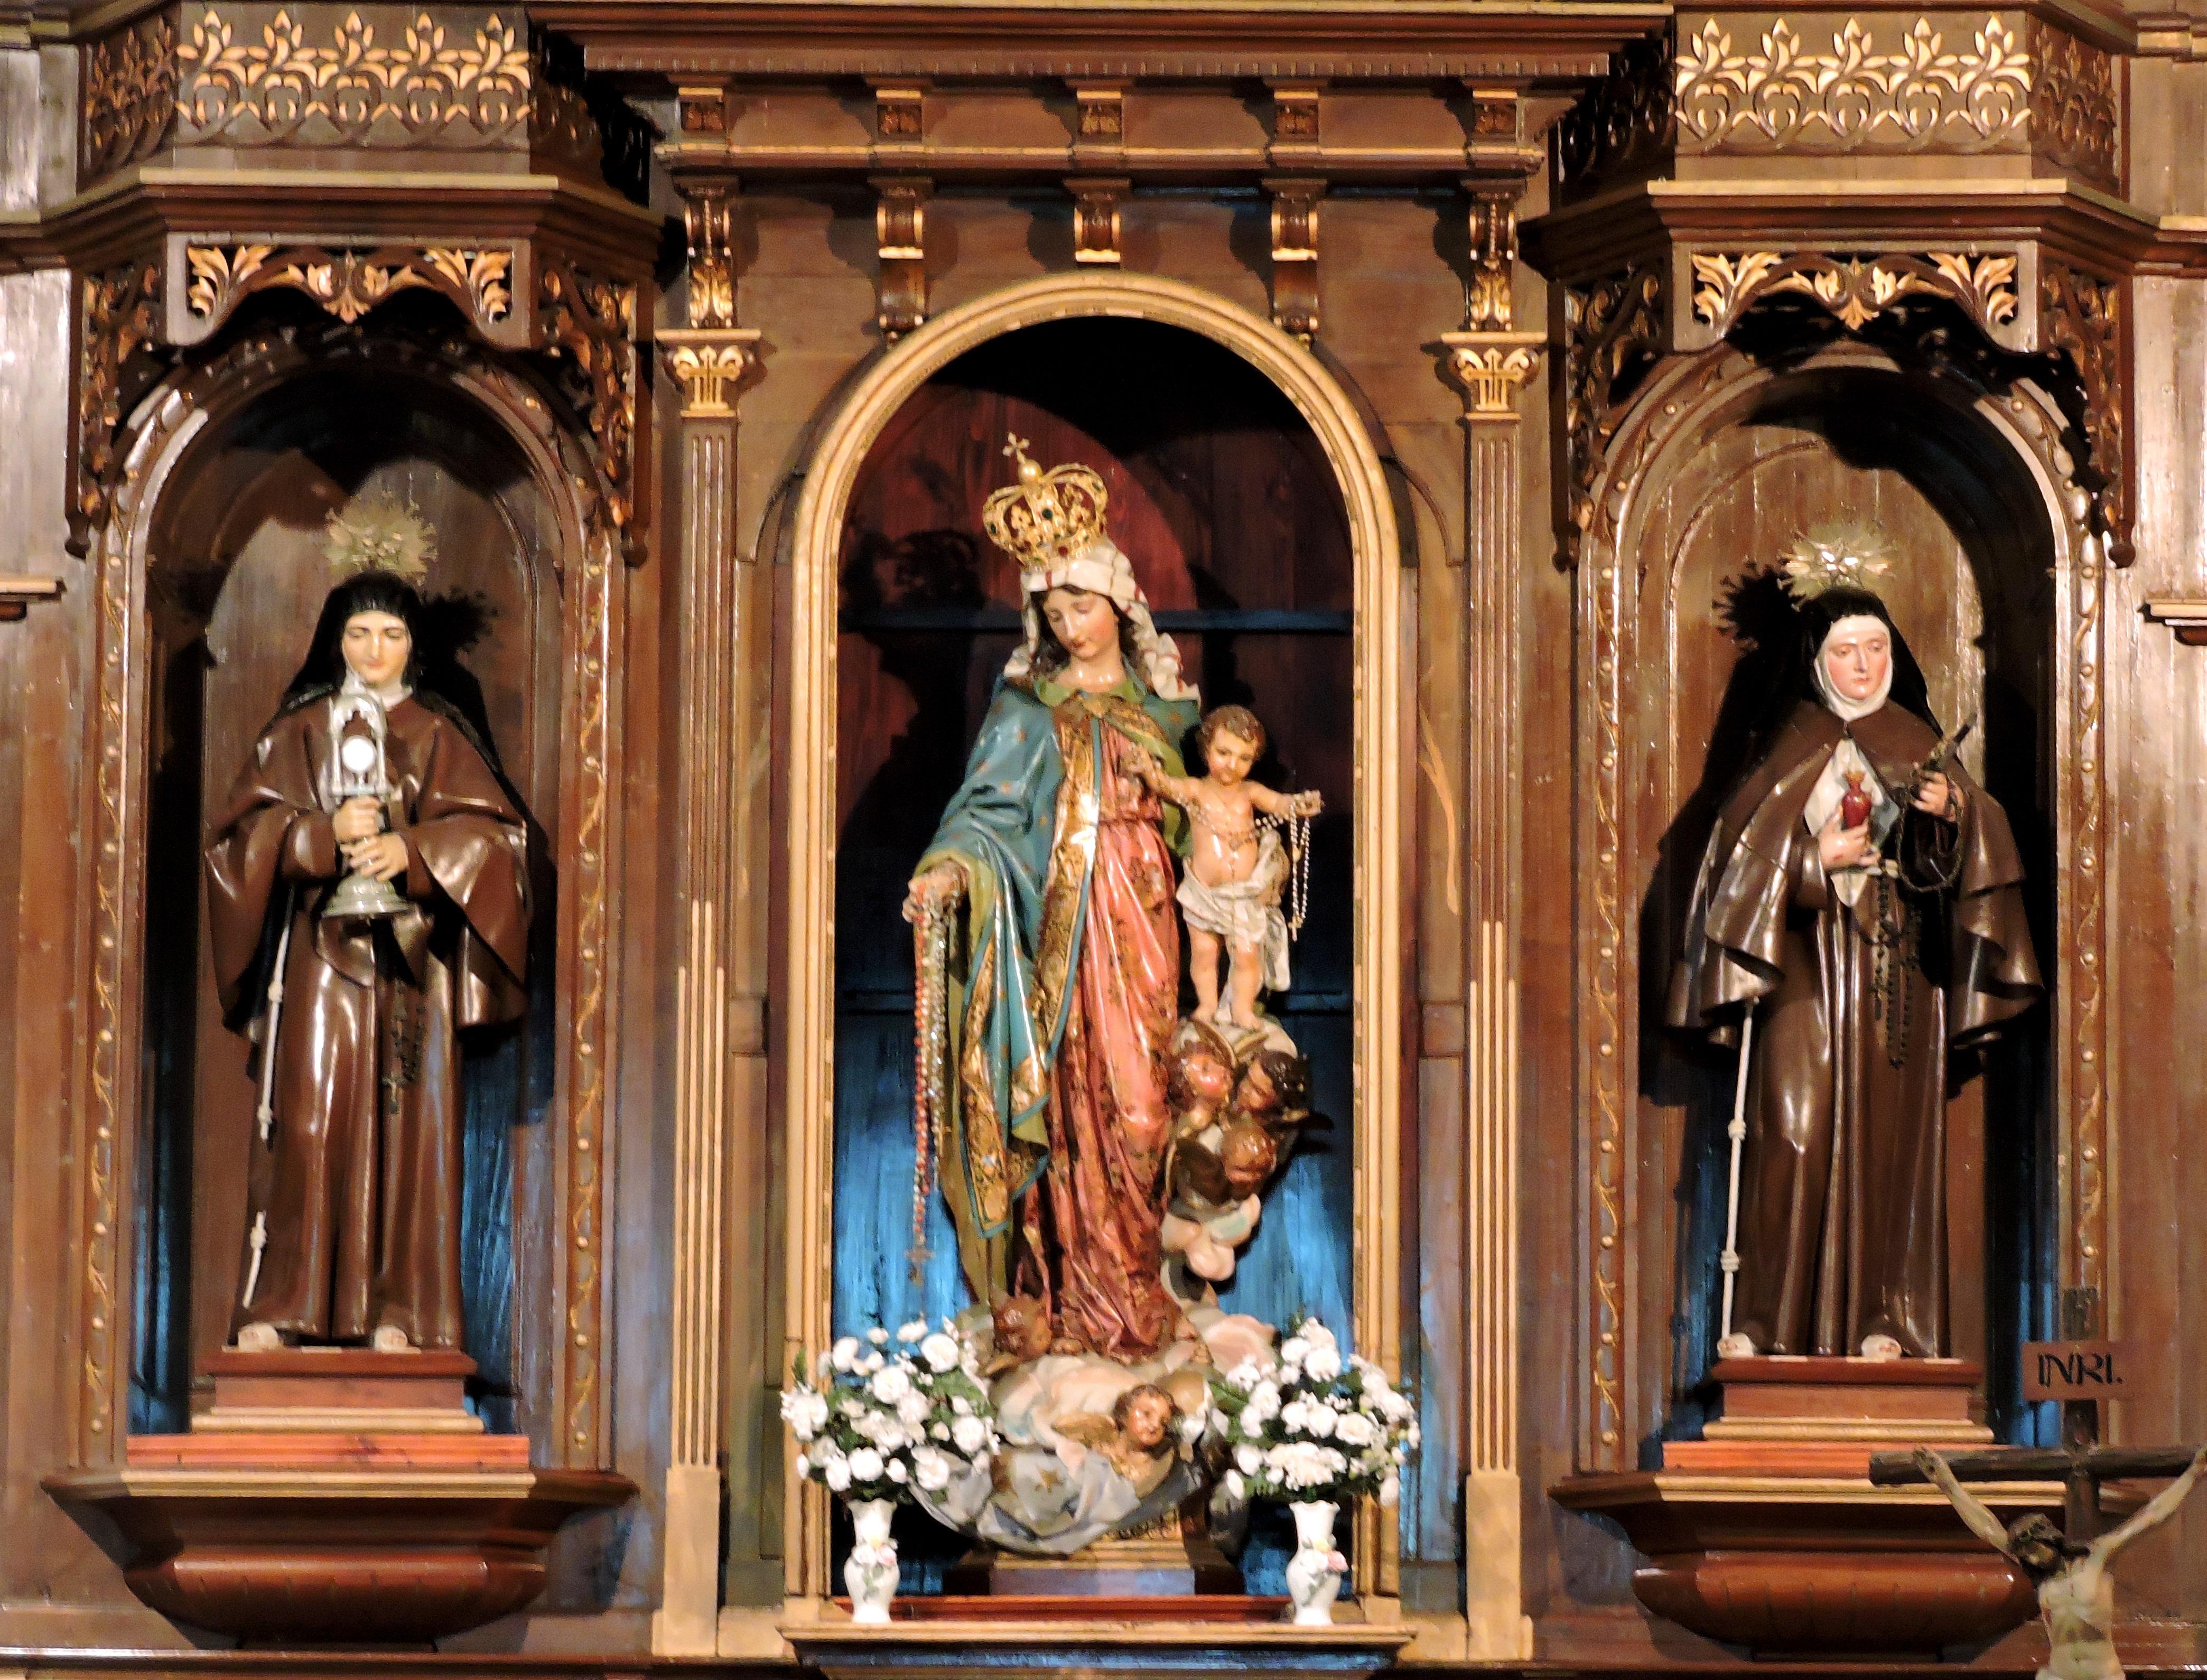 Tramo central del retablo de las Capuchinas presidido por la Virgen del Rosario, obra de Celestino G. Alonso.